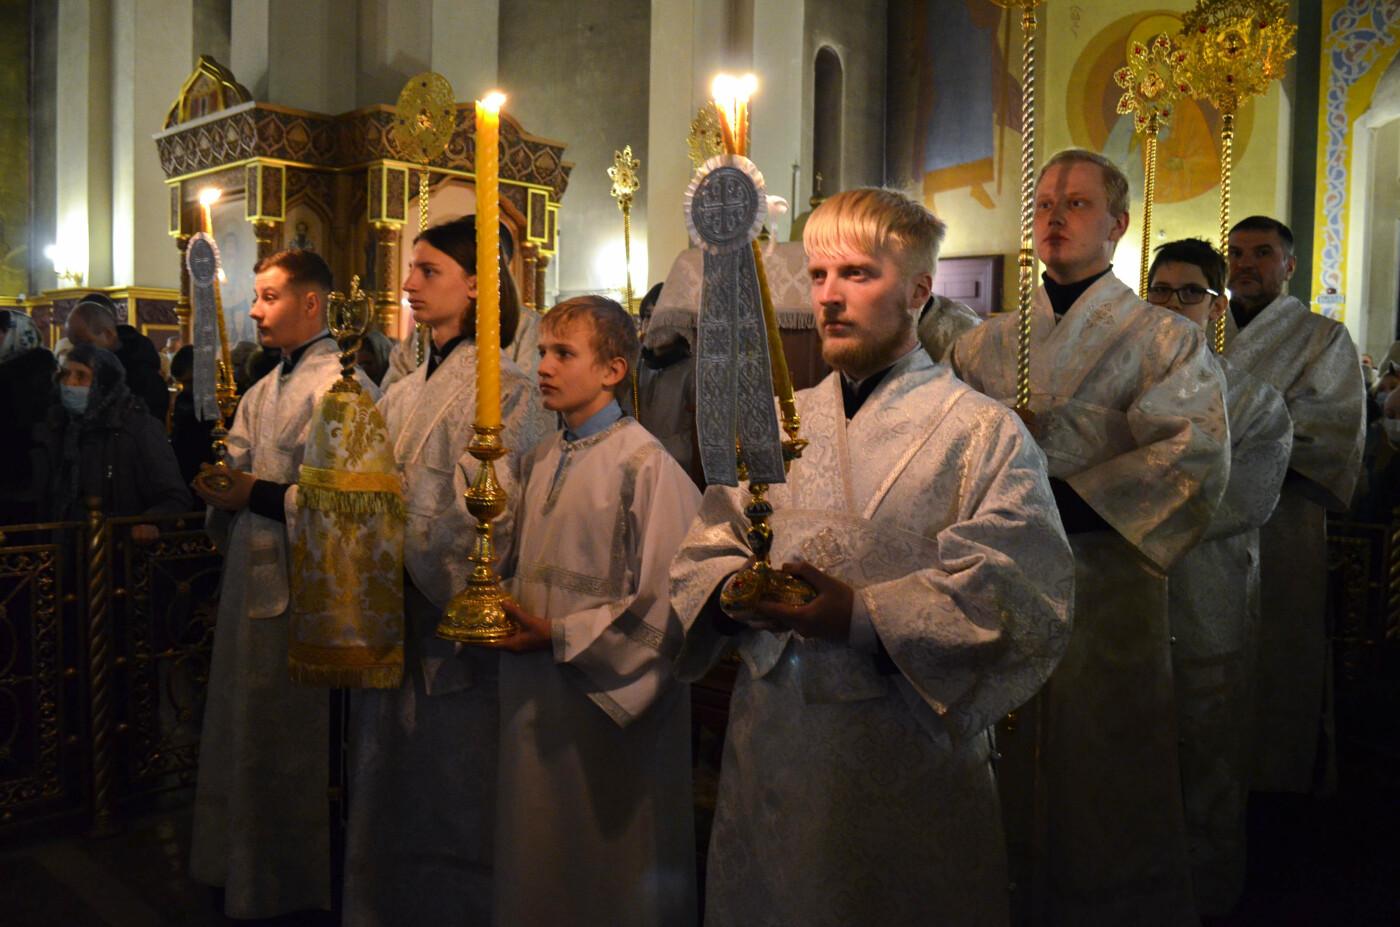 Православные Магнитогорска отметили Рождество, фото-12